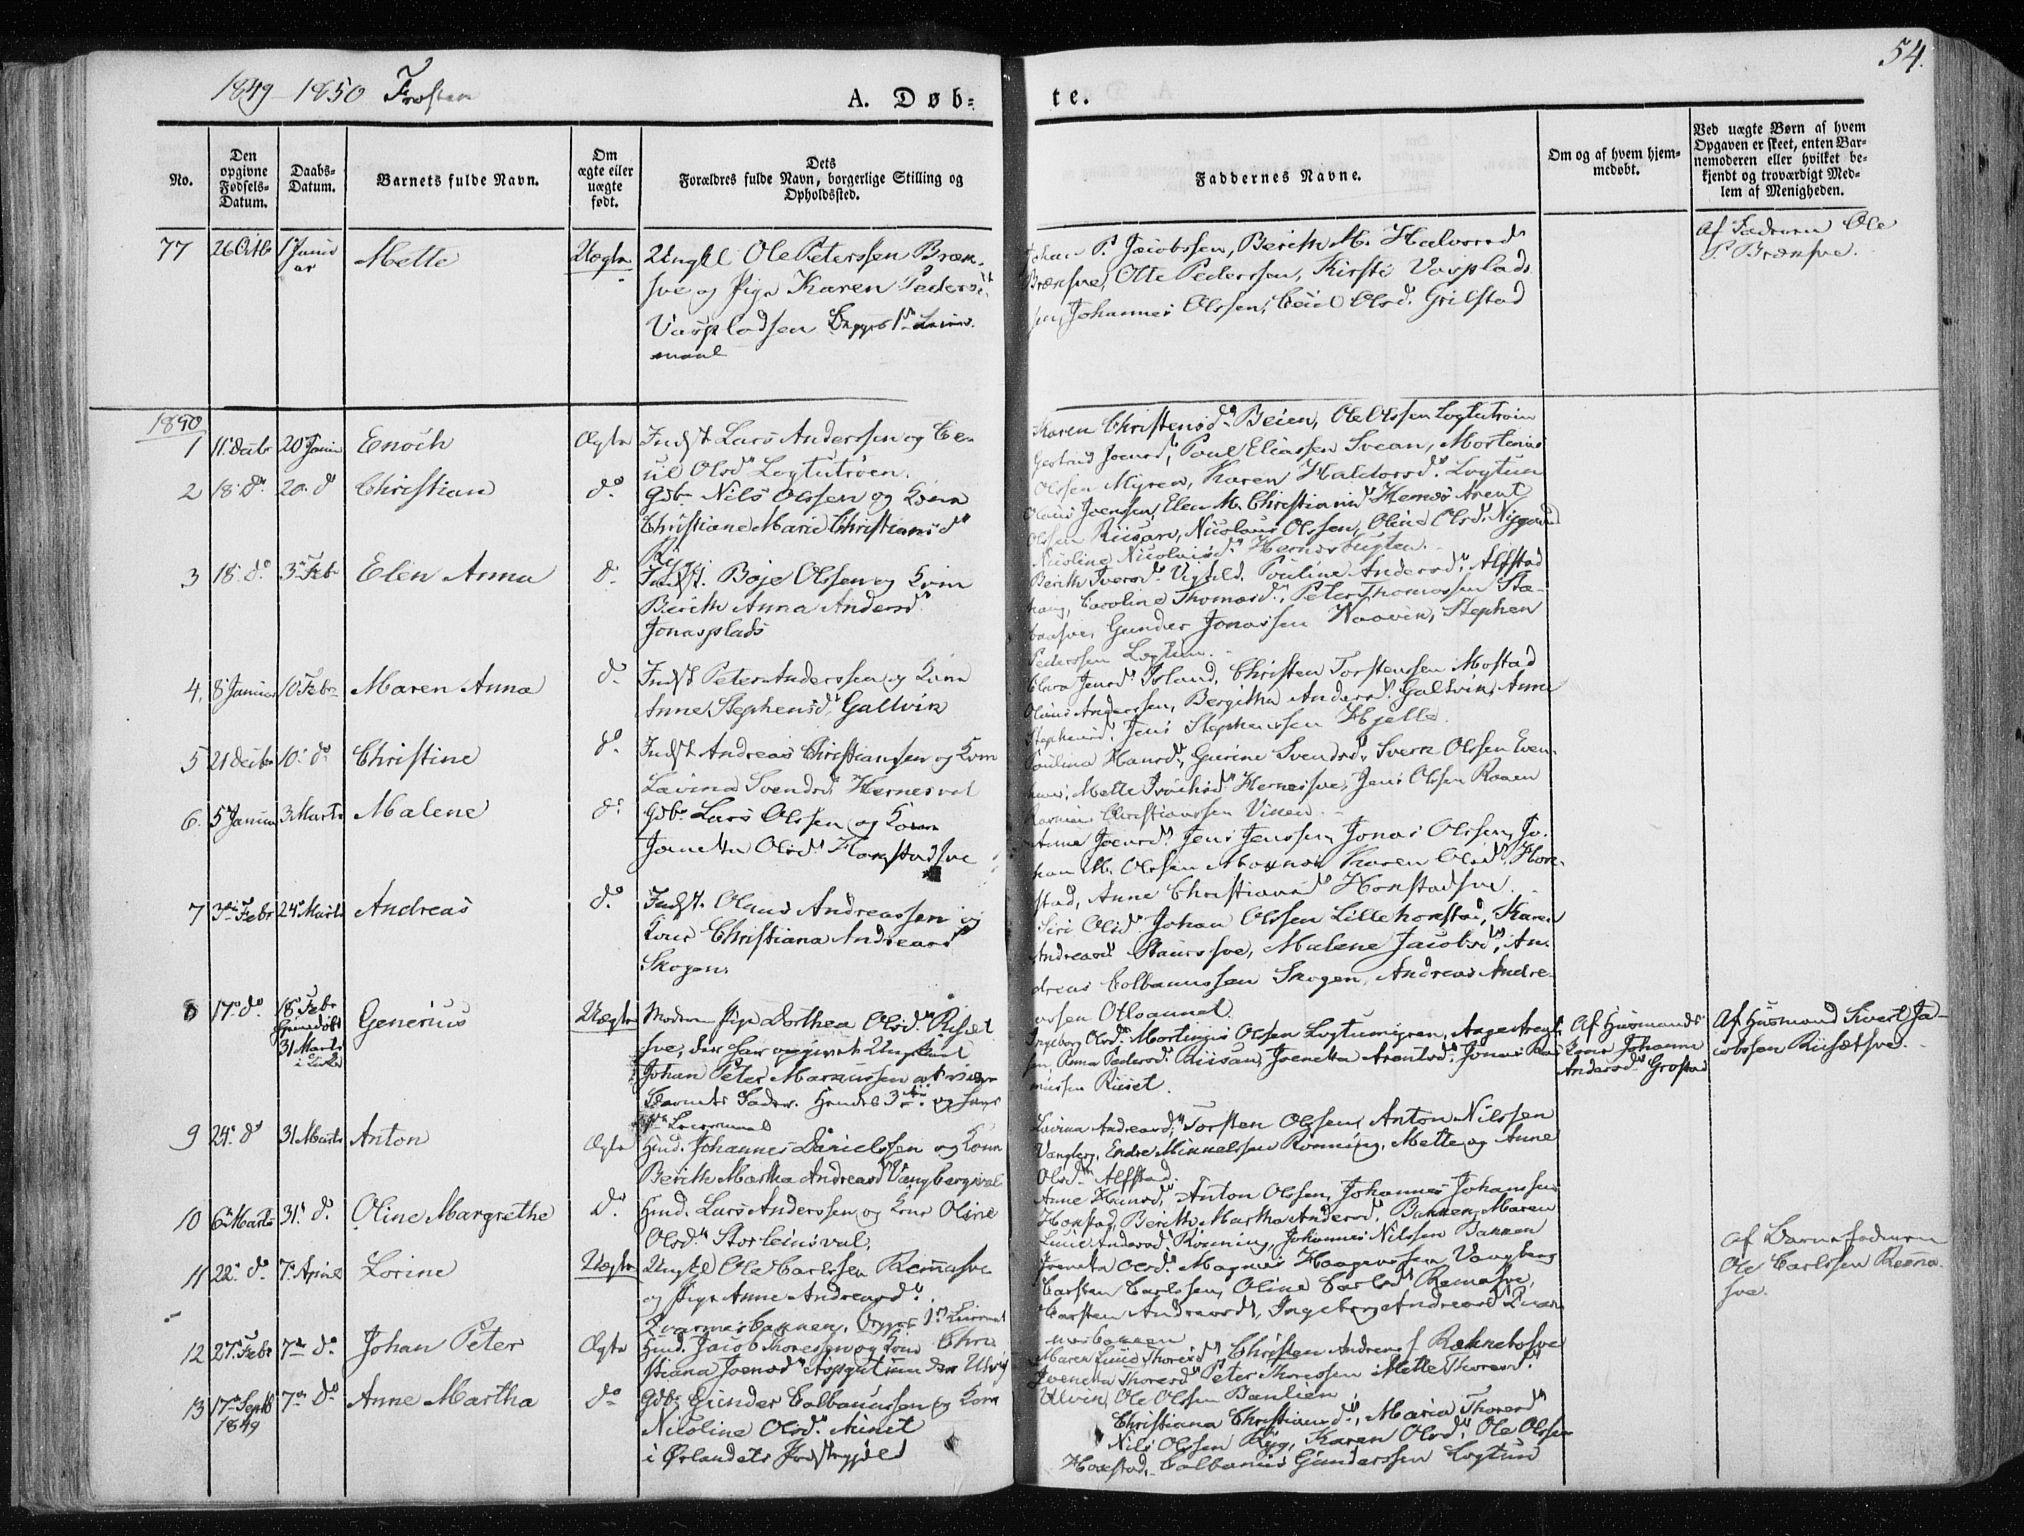 SAT, Ministerialprotokoller, klokkerbøker og fødselsregistre - Nord-Trøndelag, 713/L0115: Ministerialbok nr. 713A06, 1838-1851, s. 54